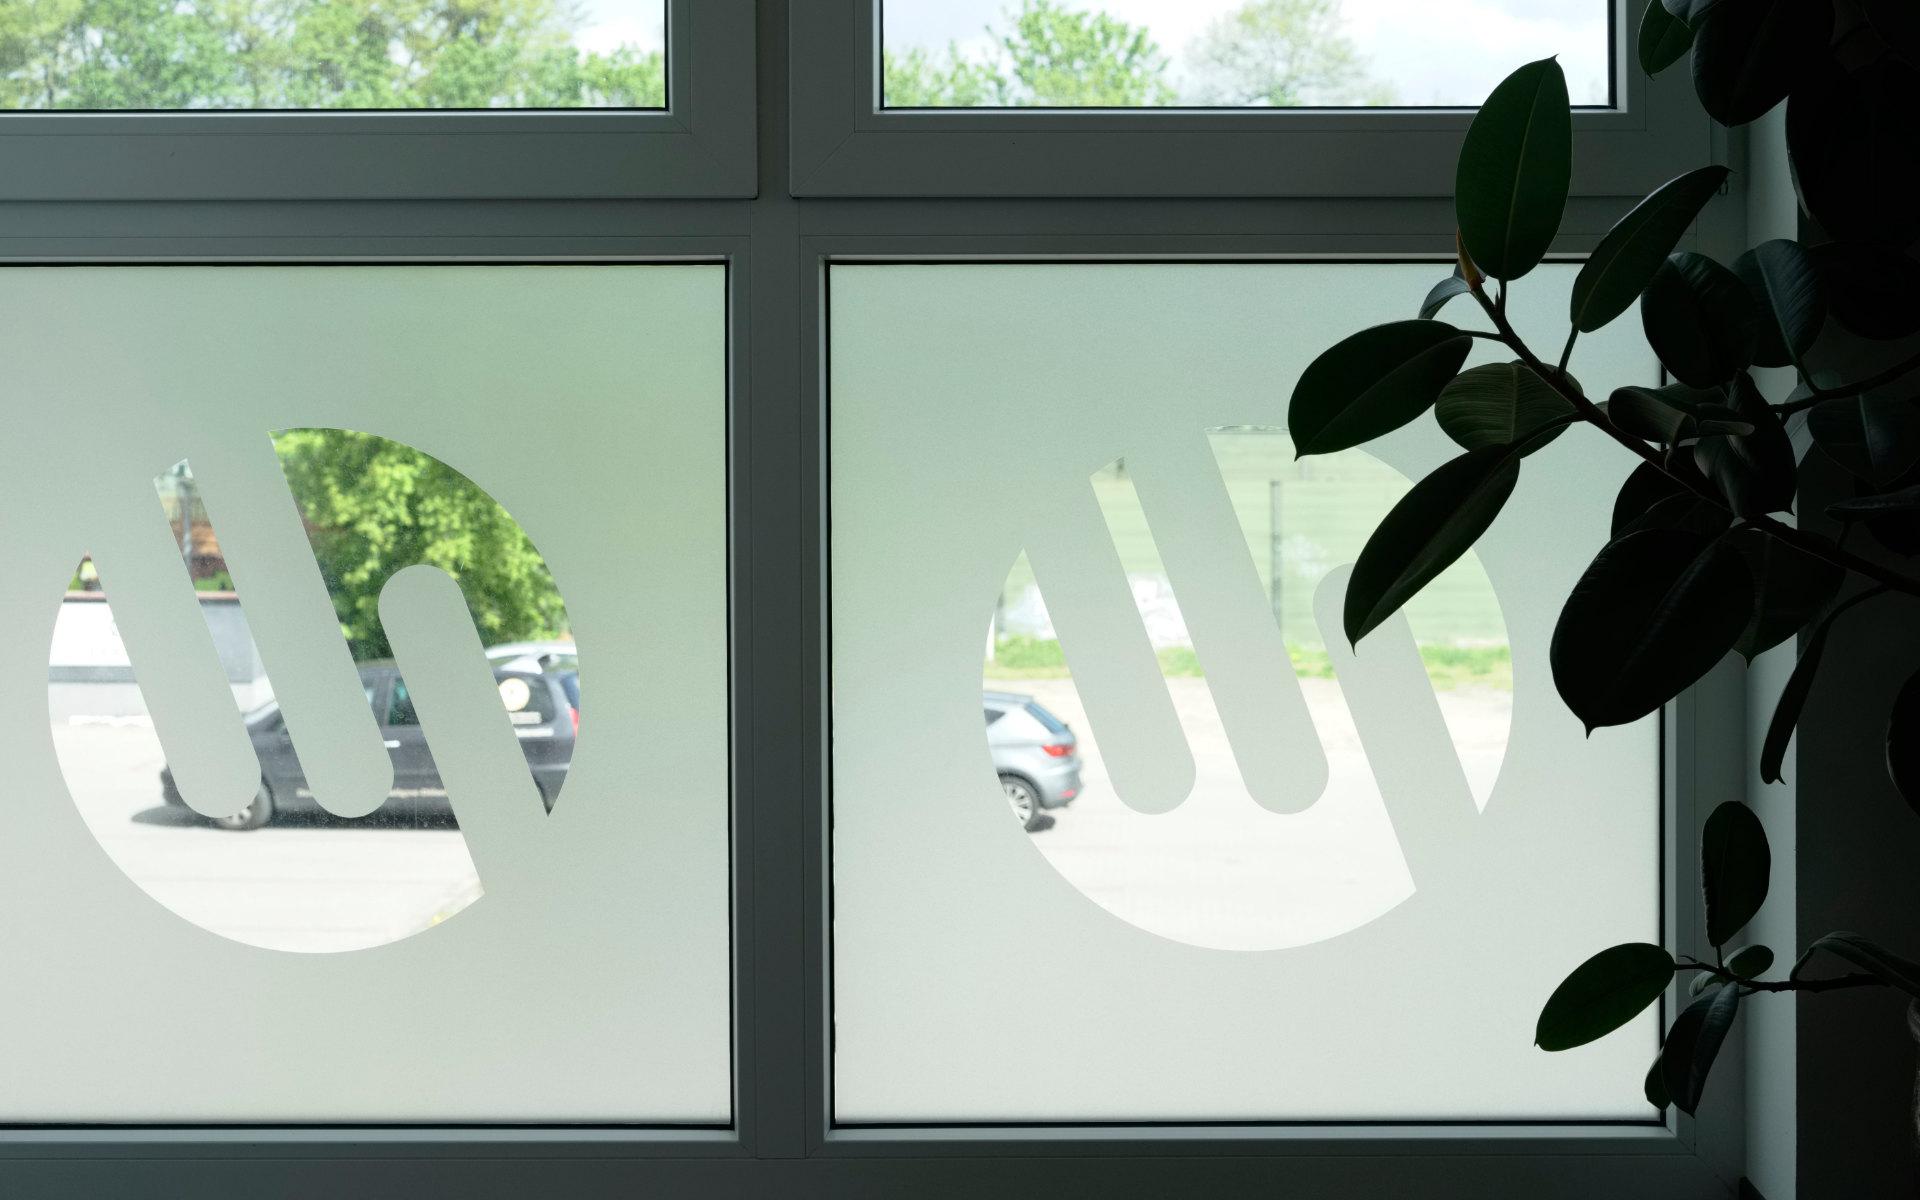 Schuermann Sichtschutz Beschilderung Leitsystem Wegweissystem Dallgow